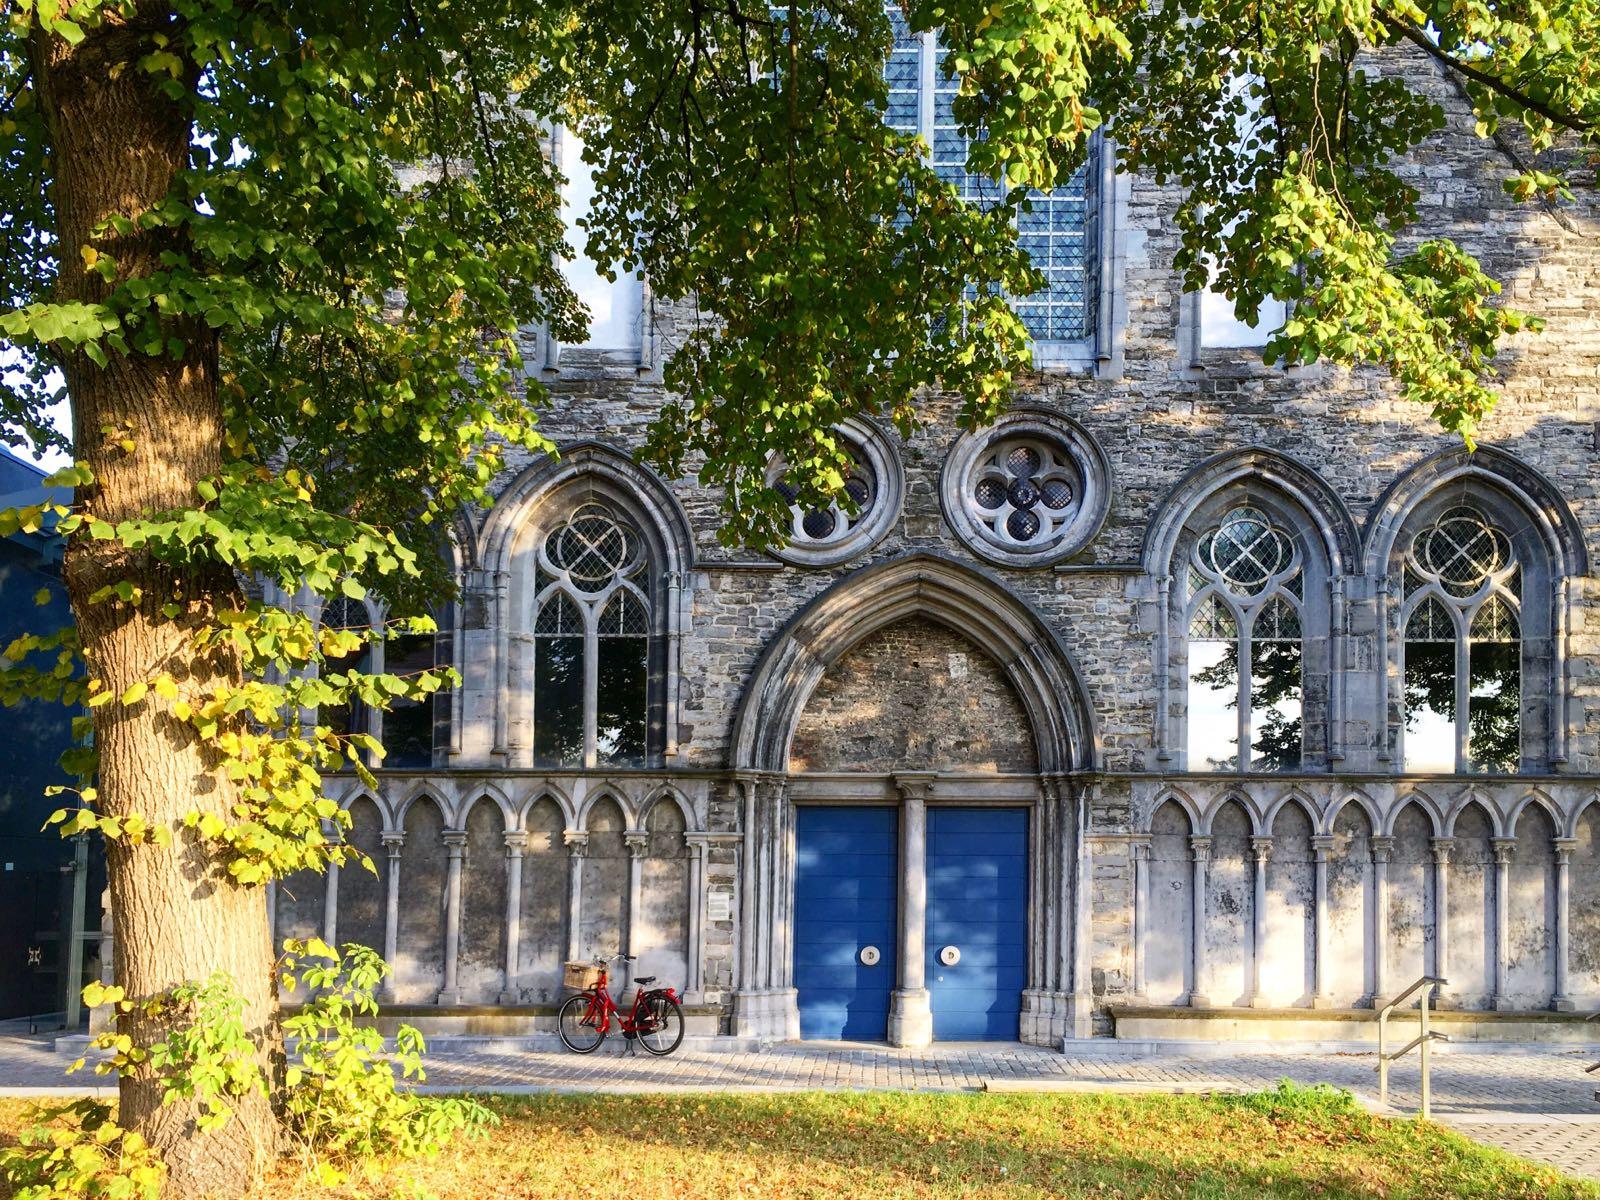 Le Chameau Bleu - Blog Voyage Gand Belgique - Photo de la ville de Gand